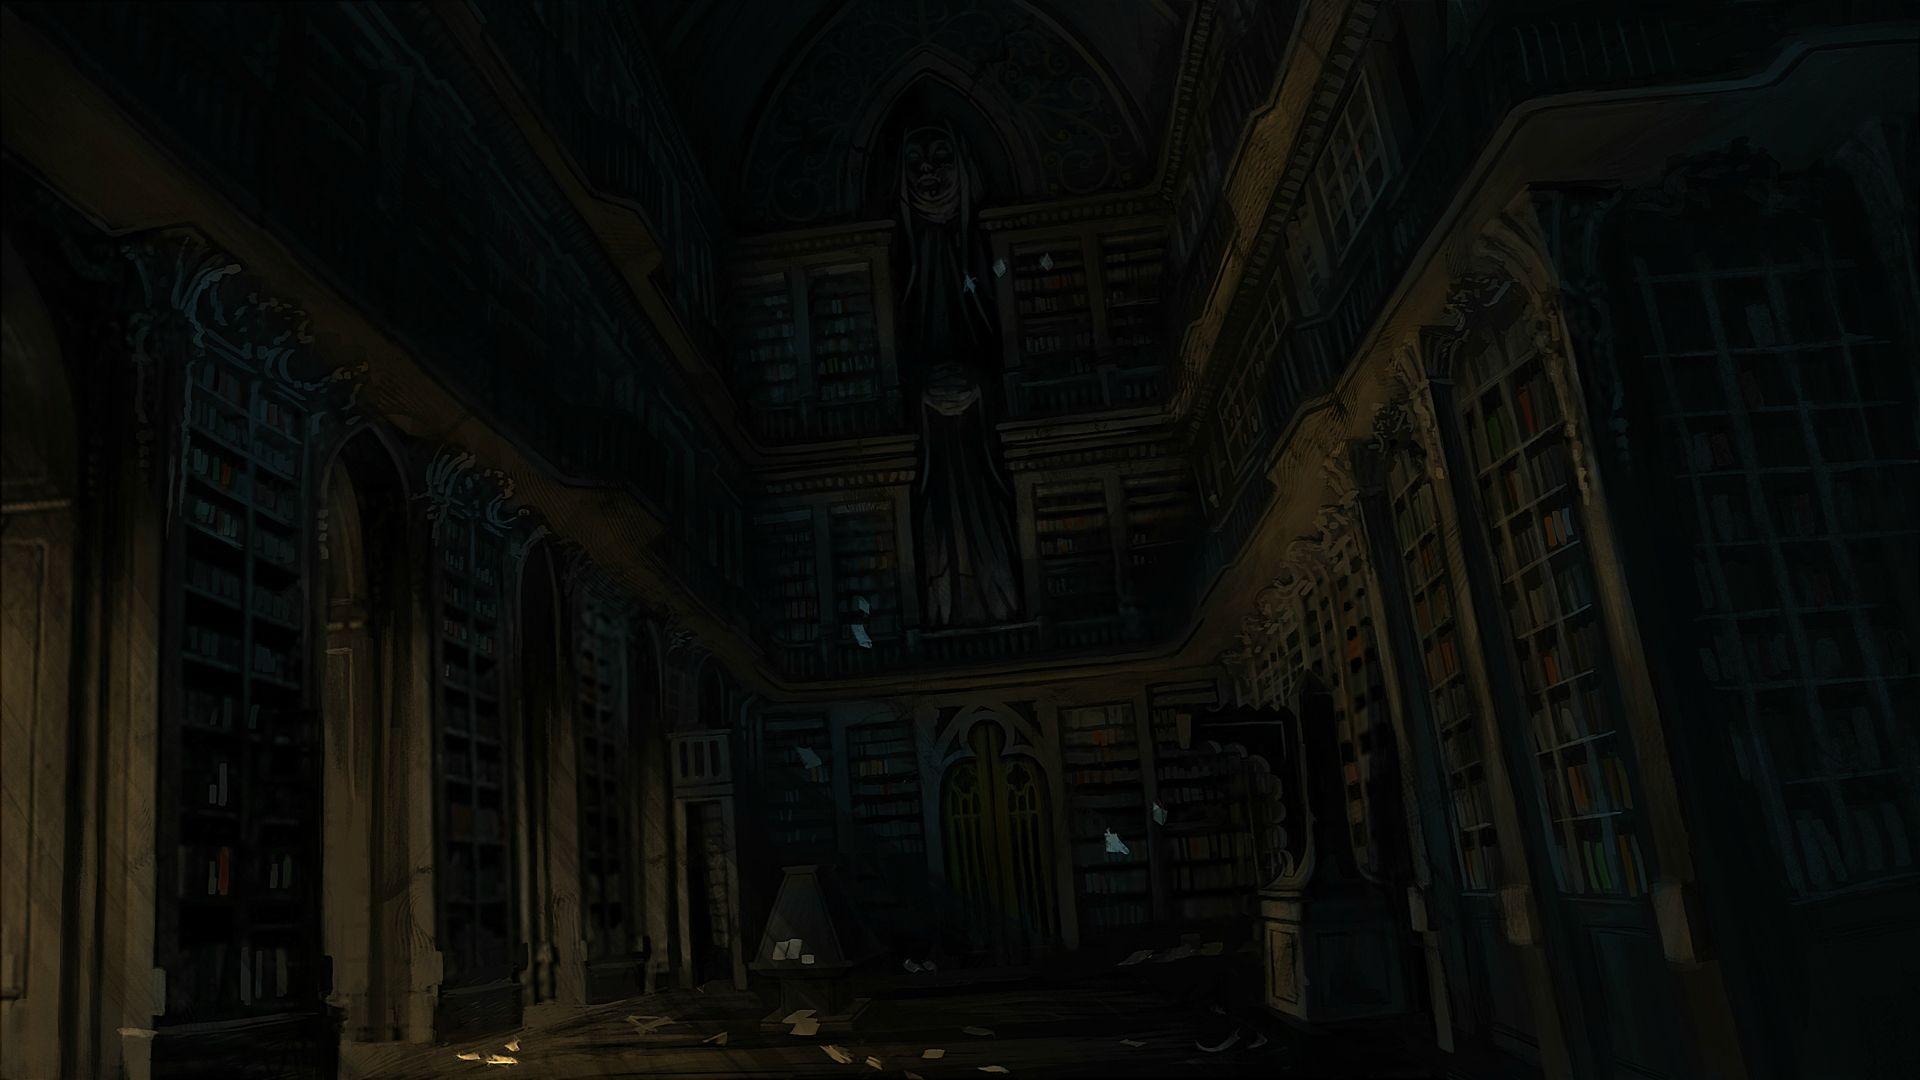 Castlevania-LordsofShadow-MirrorofFate 3DS Visuel 009